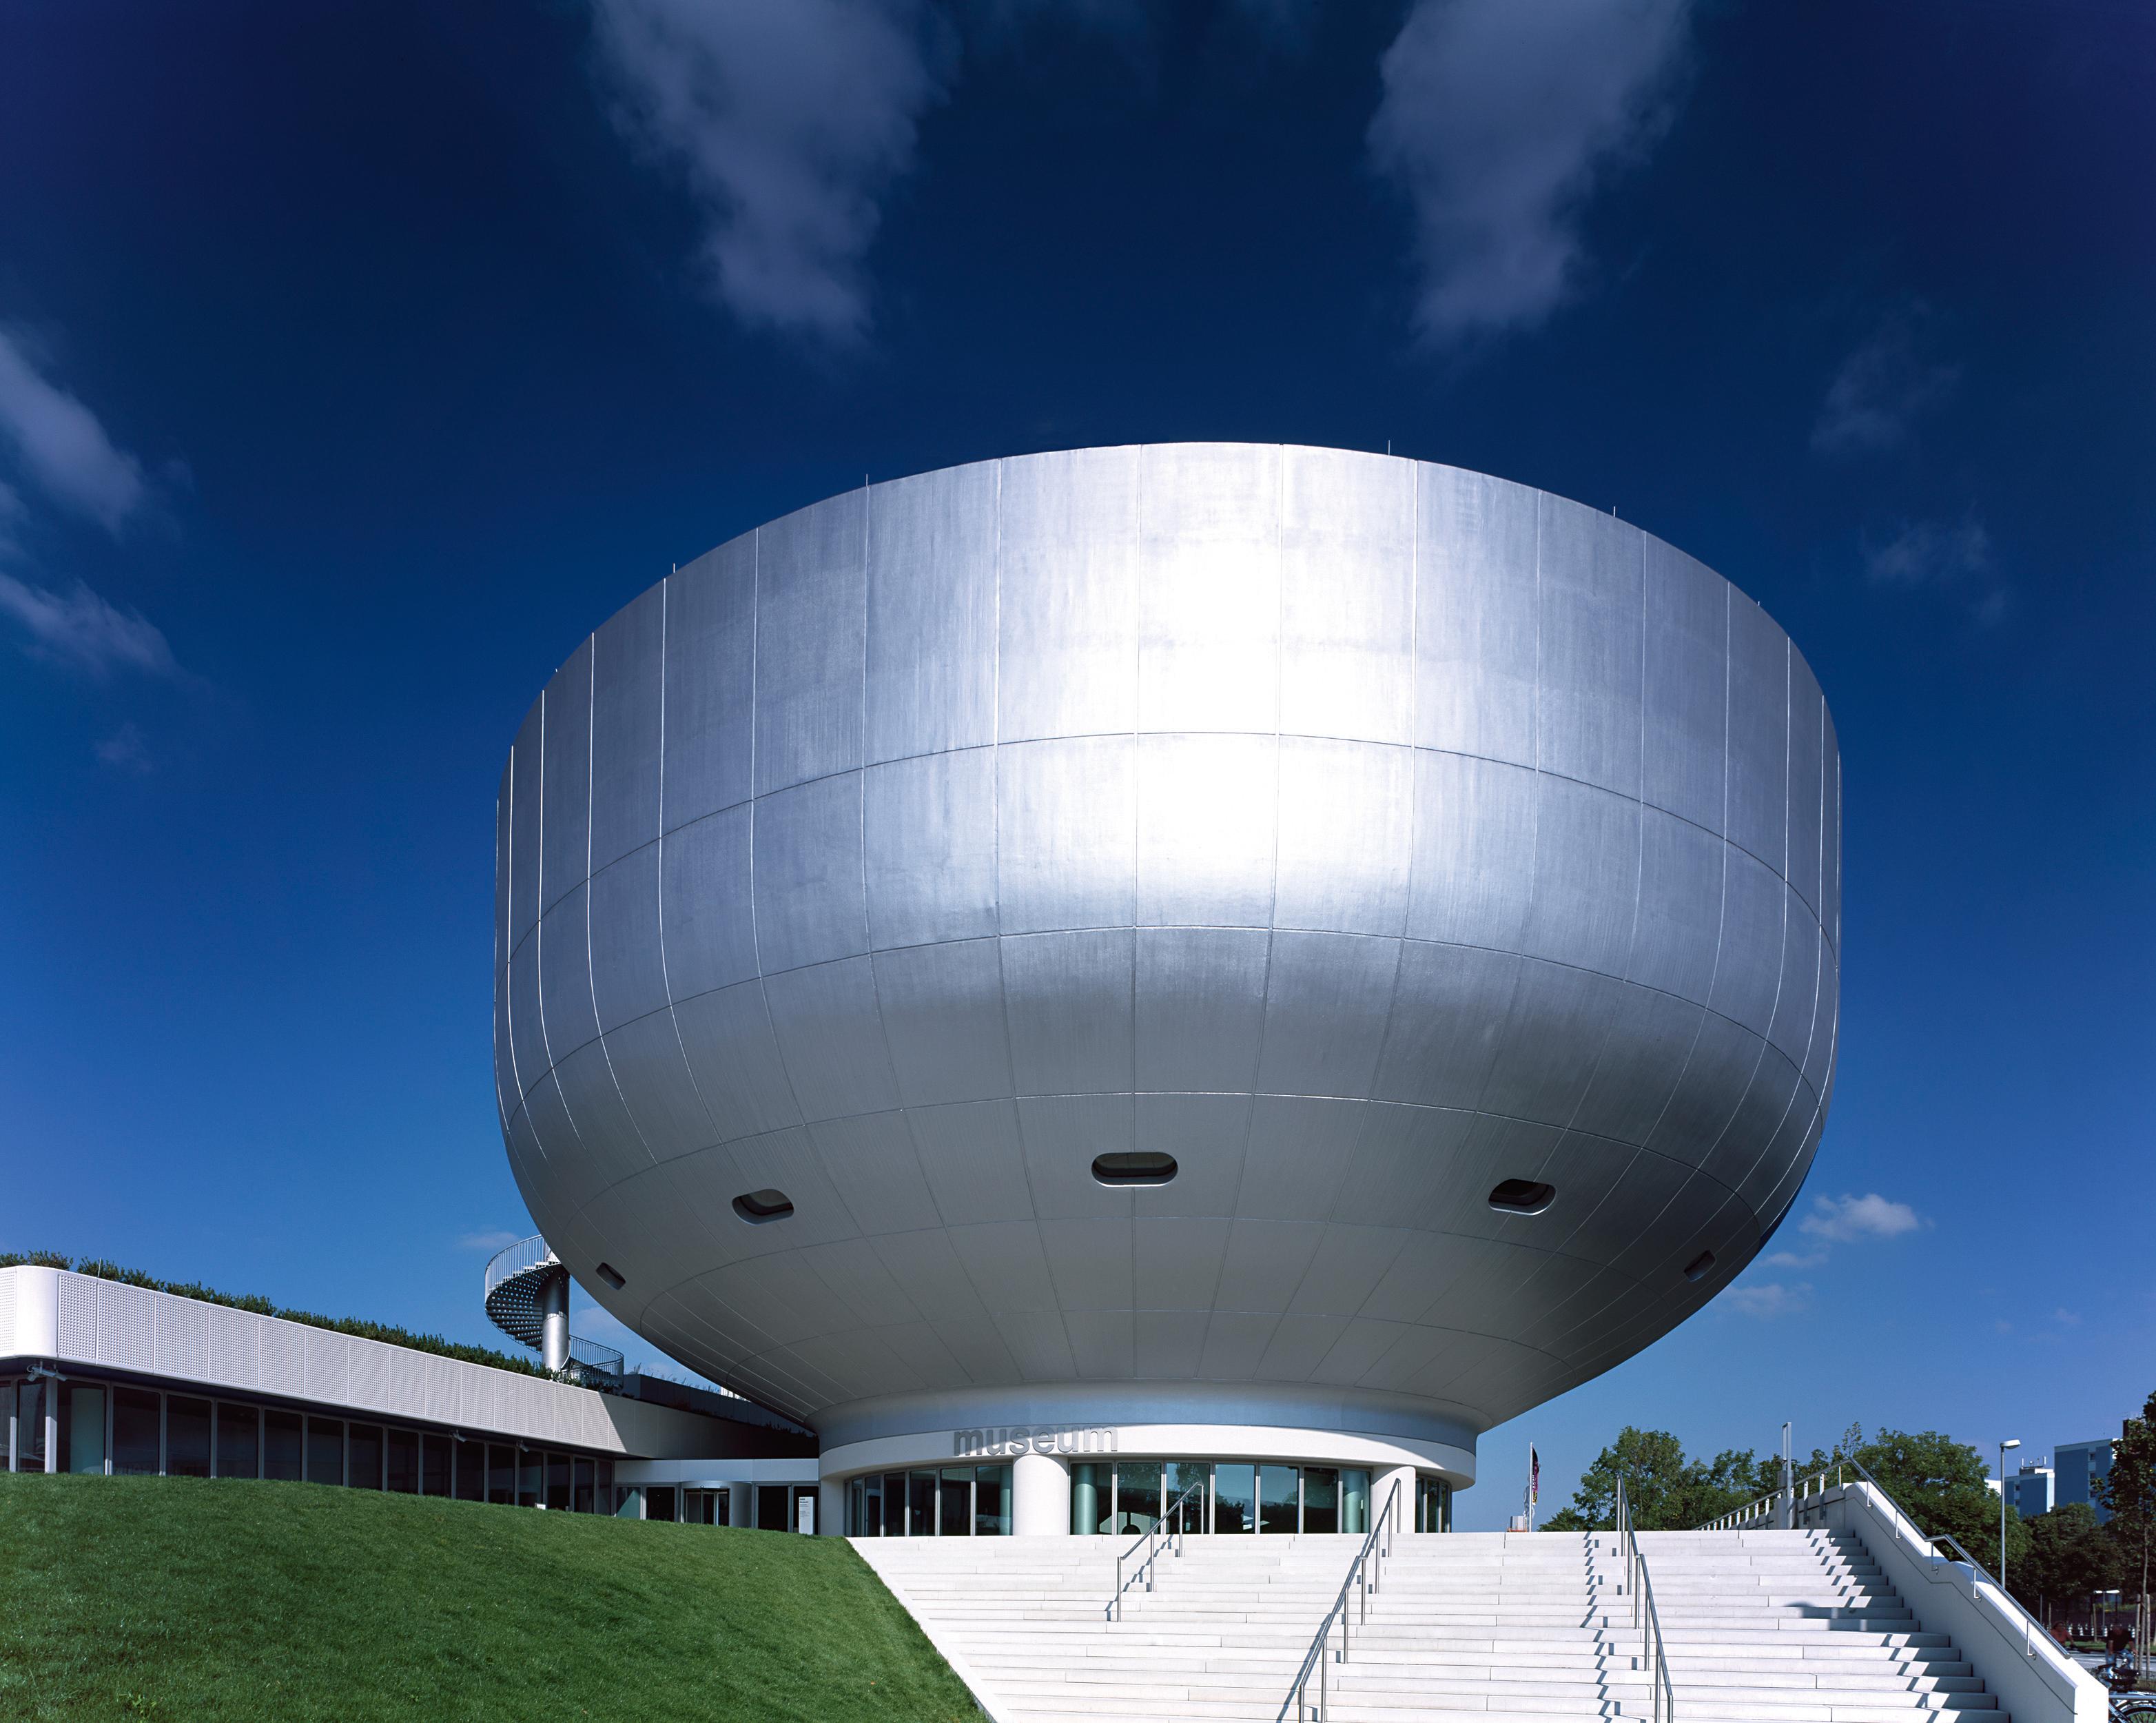 2014: Auf Exkursion im BMW-Museum